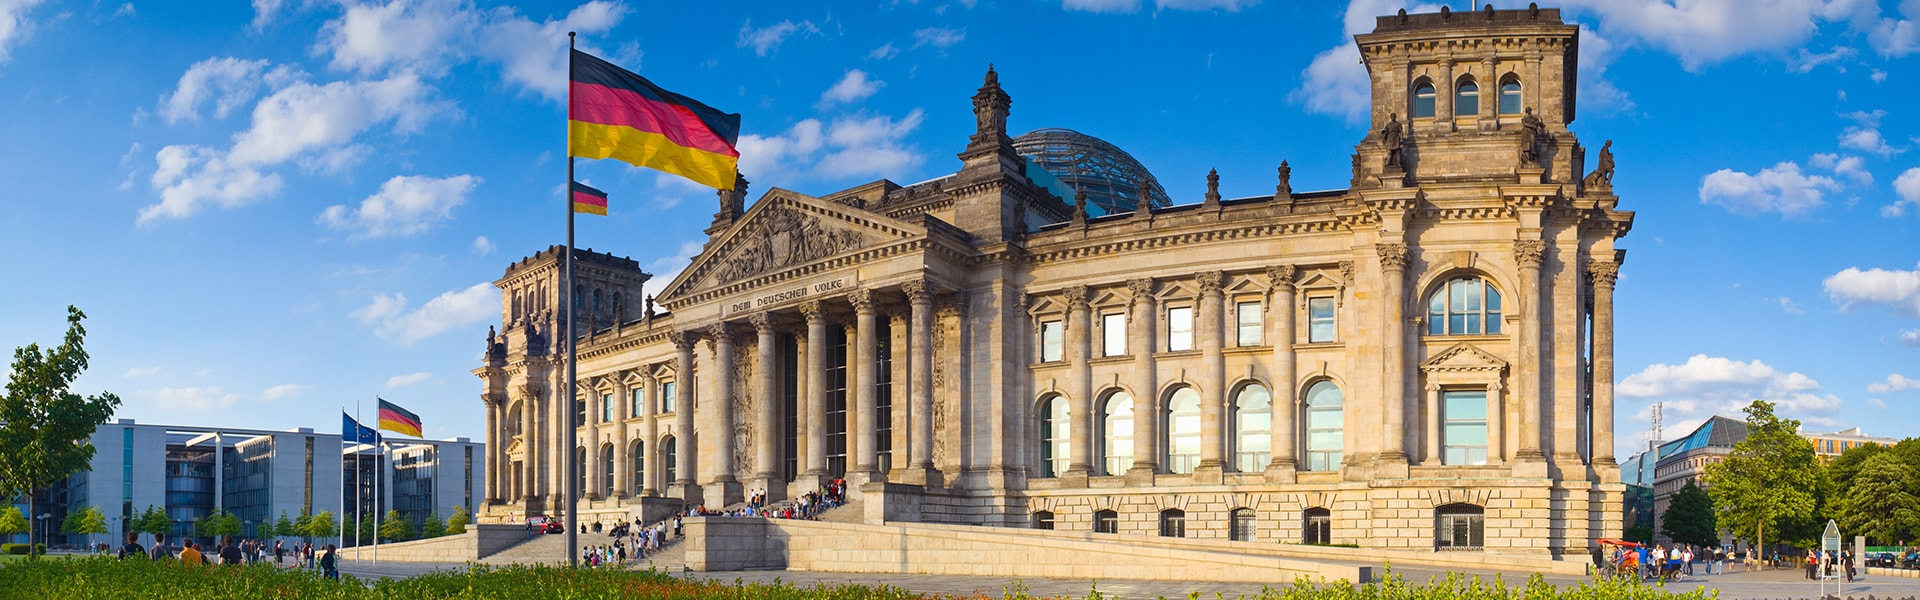 Bild des Reichstags in Berlin